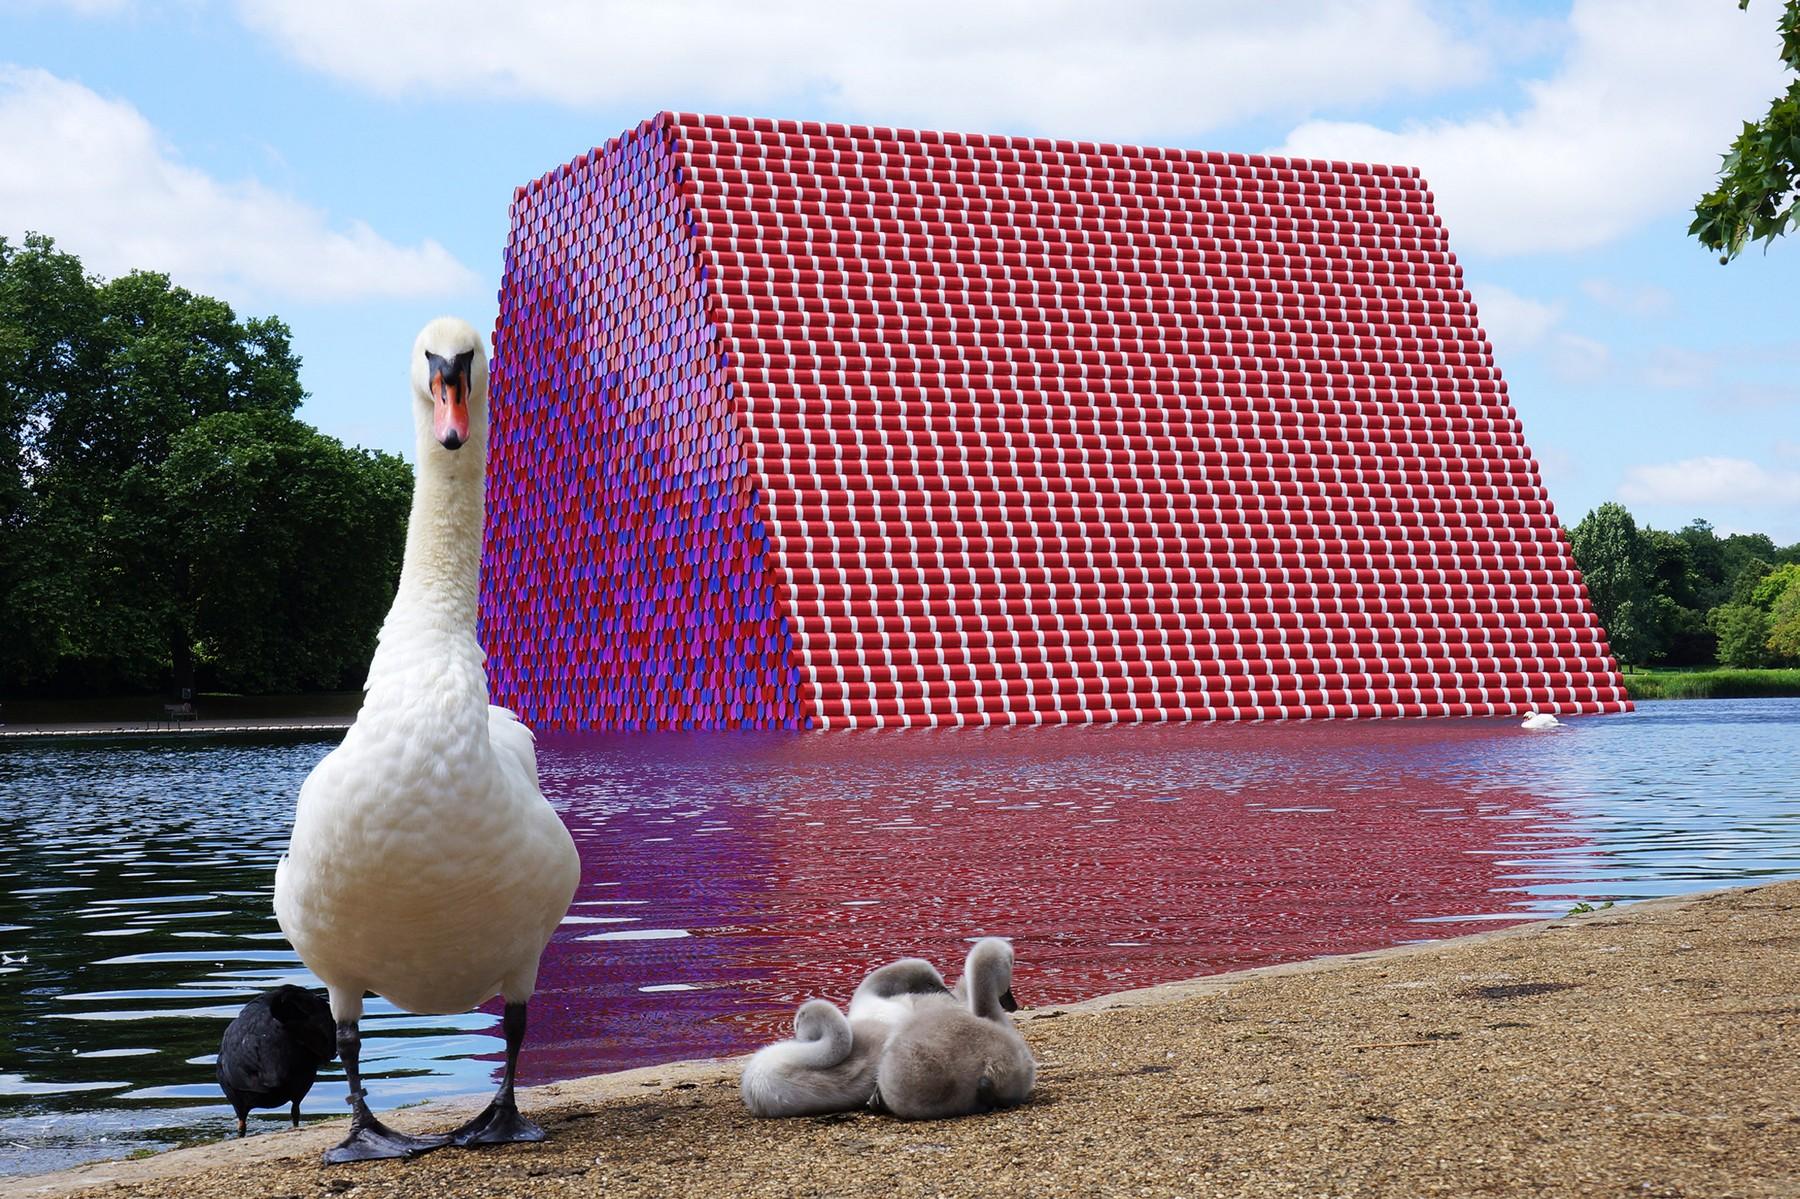 80622132. Londres, 22 Jun 2018 (Notimex-Marcela Gutiérrez).- El artista búlgaro Christo Vladimirov Javacheff, máximo exponente del Land Art, instaló en el Lago Serpentine, en el Hyde Park, una escultura monumental construida con 7 mil 506 barriles pintados de rojo, azul y rosa. NOTIMEX/FOTO/MARCELA GUTIÉRREZ/COR/ACE/,Image: 375742012, License: Rights-managed, Restrictions: , Model Release: no